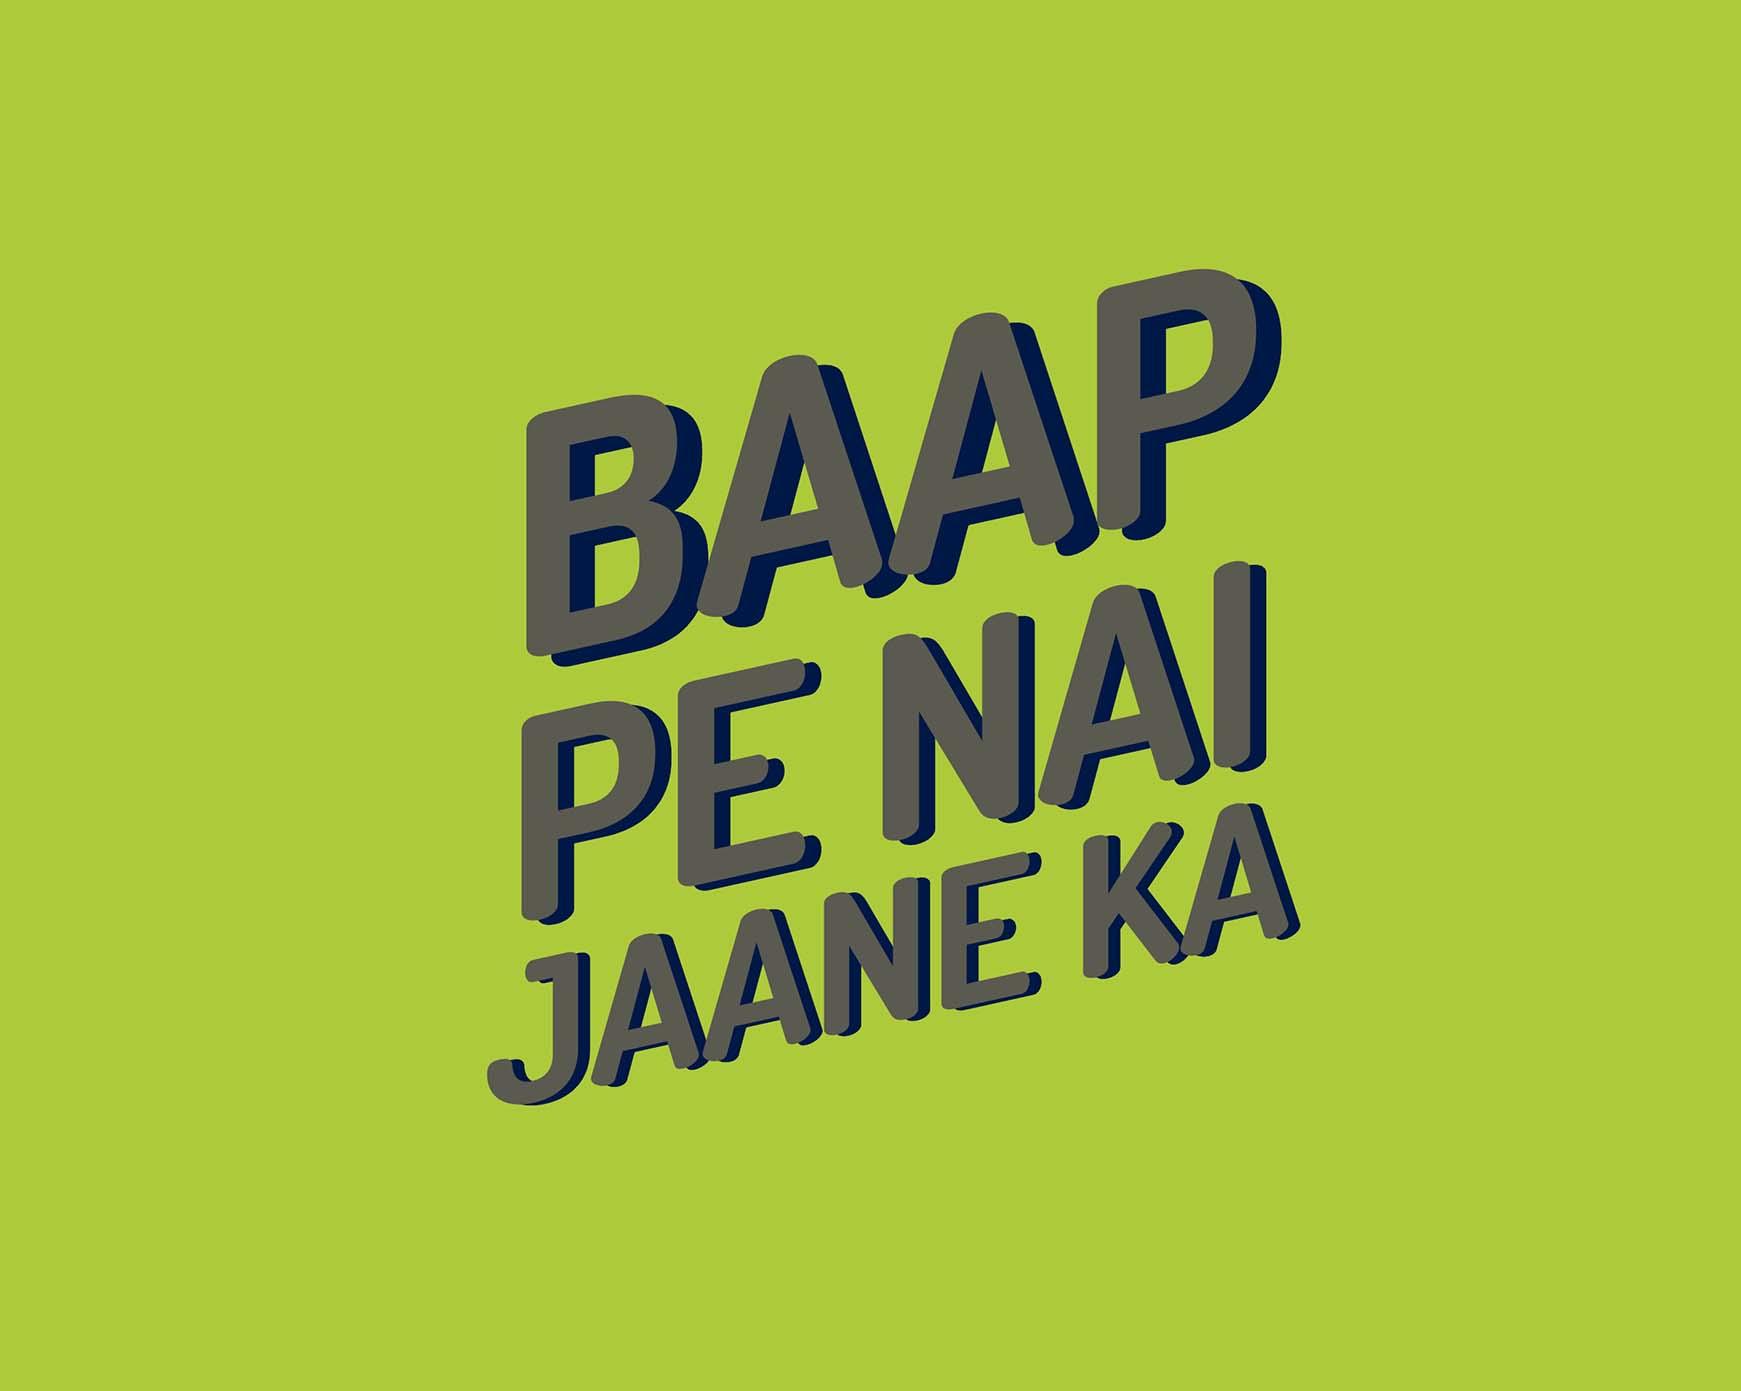 243-Baap-Pe-Nahi-Jaane-ka.jpg